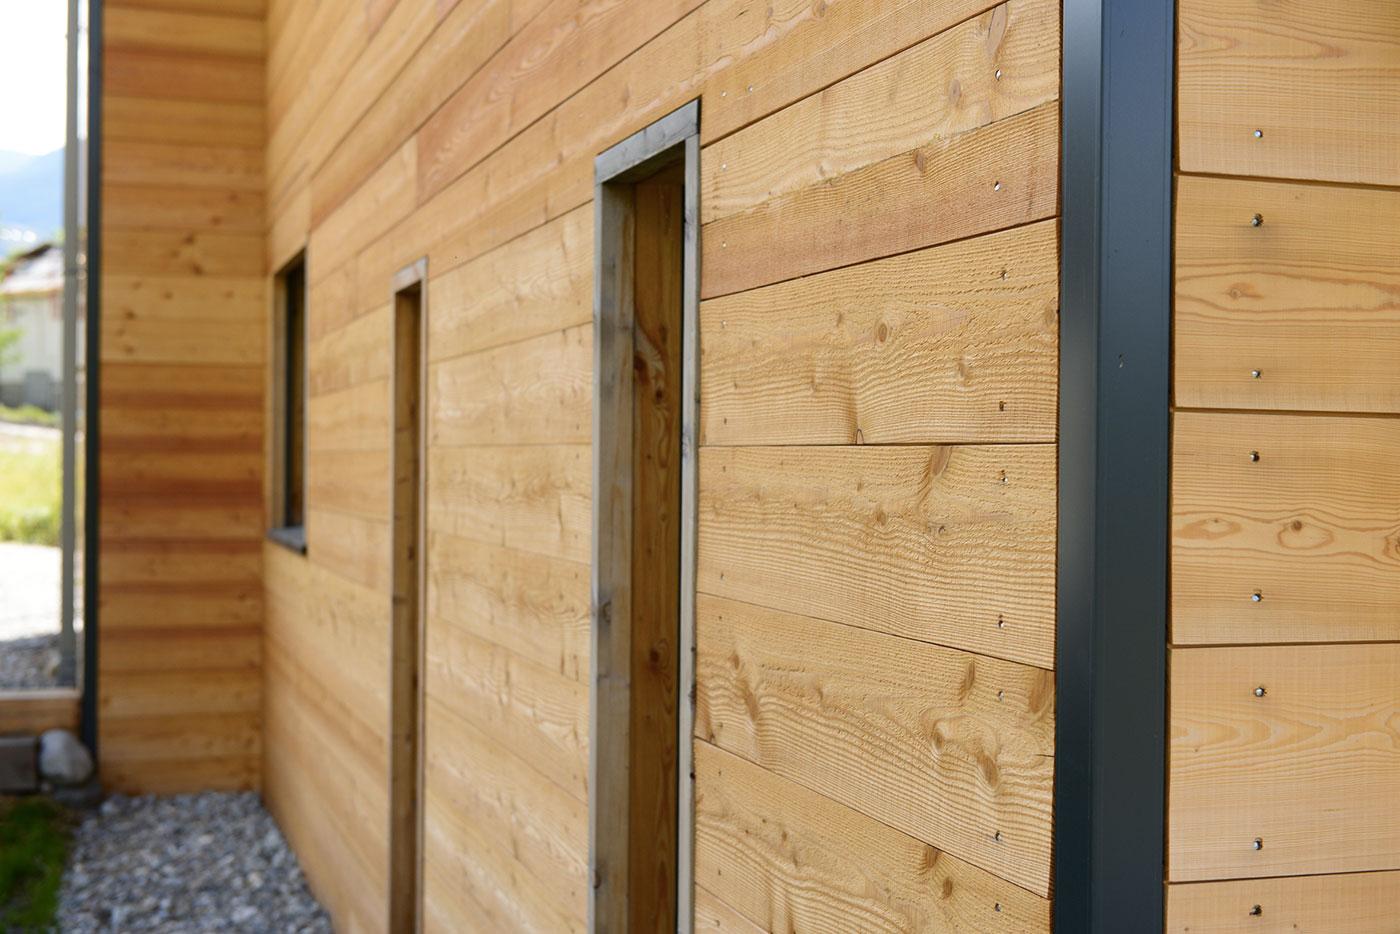 Maison Bois Autoconstruction - Une famille d'autoconstructeurs construit un superbe Chalet bois BAYROU la maison bois par